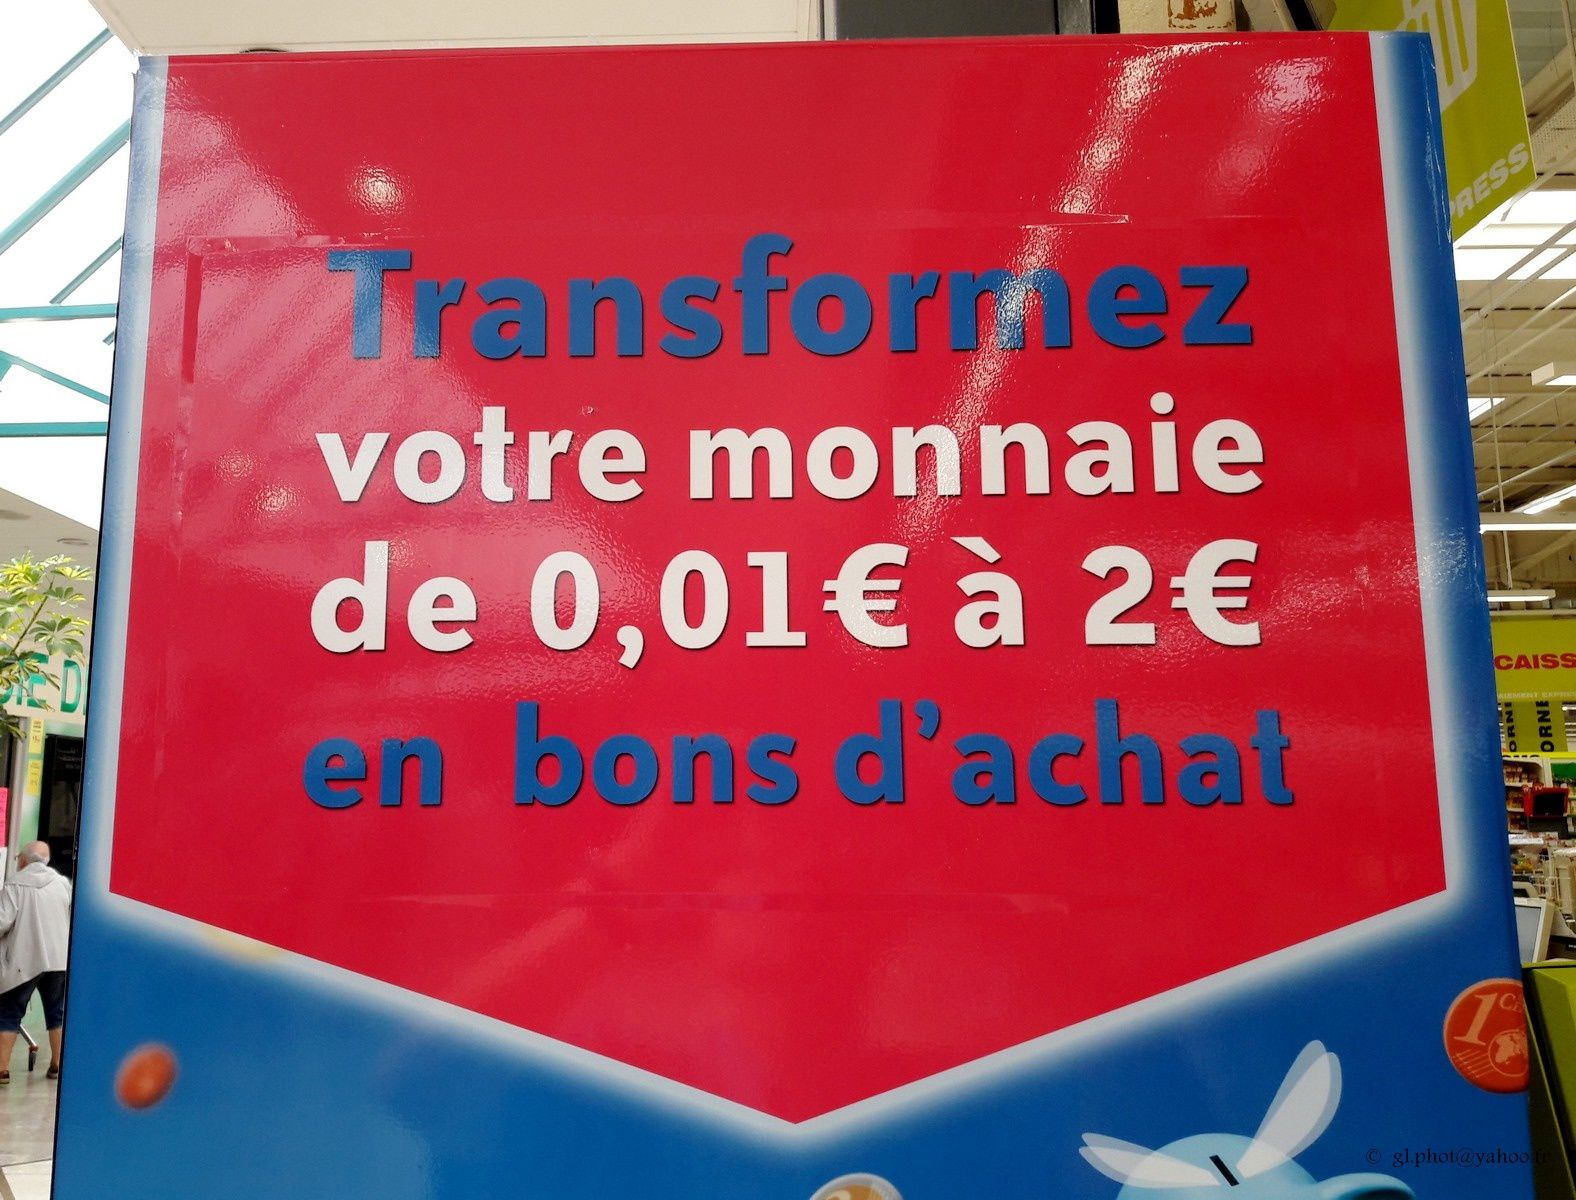 Changeur de monnaie en bon d'achat au centre commercial Auchan d'Osny